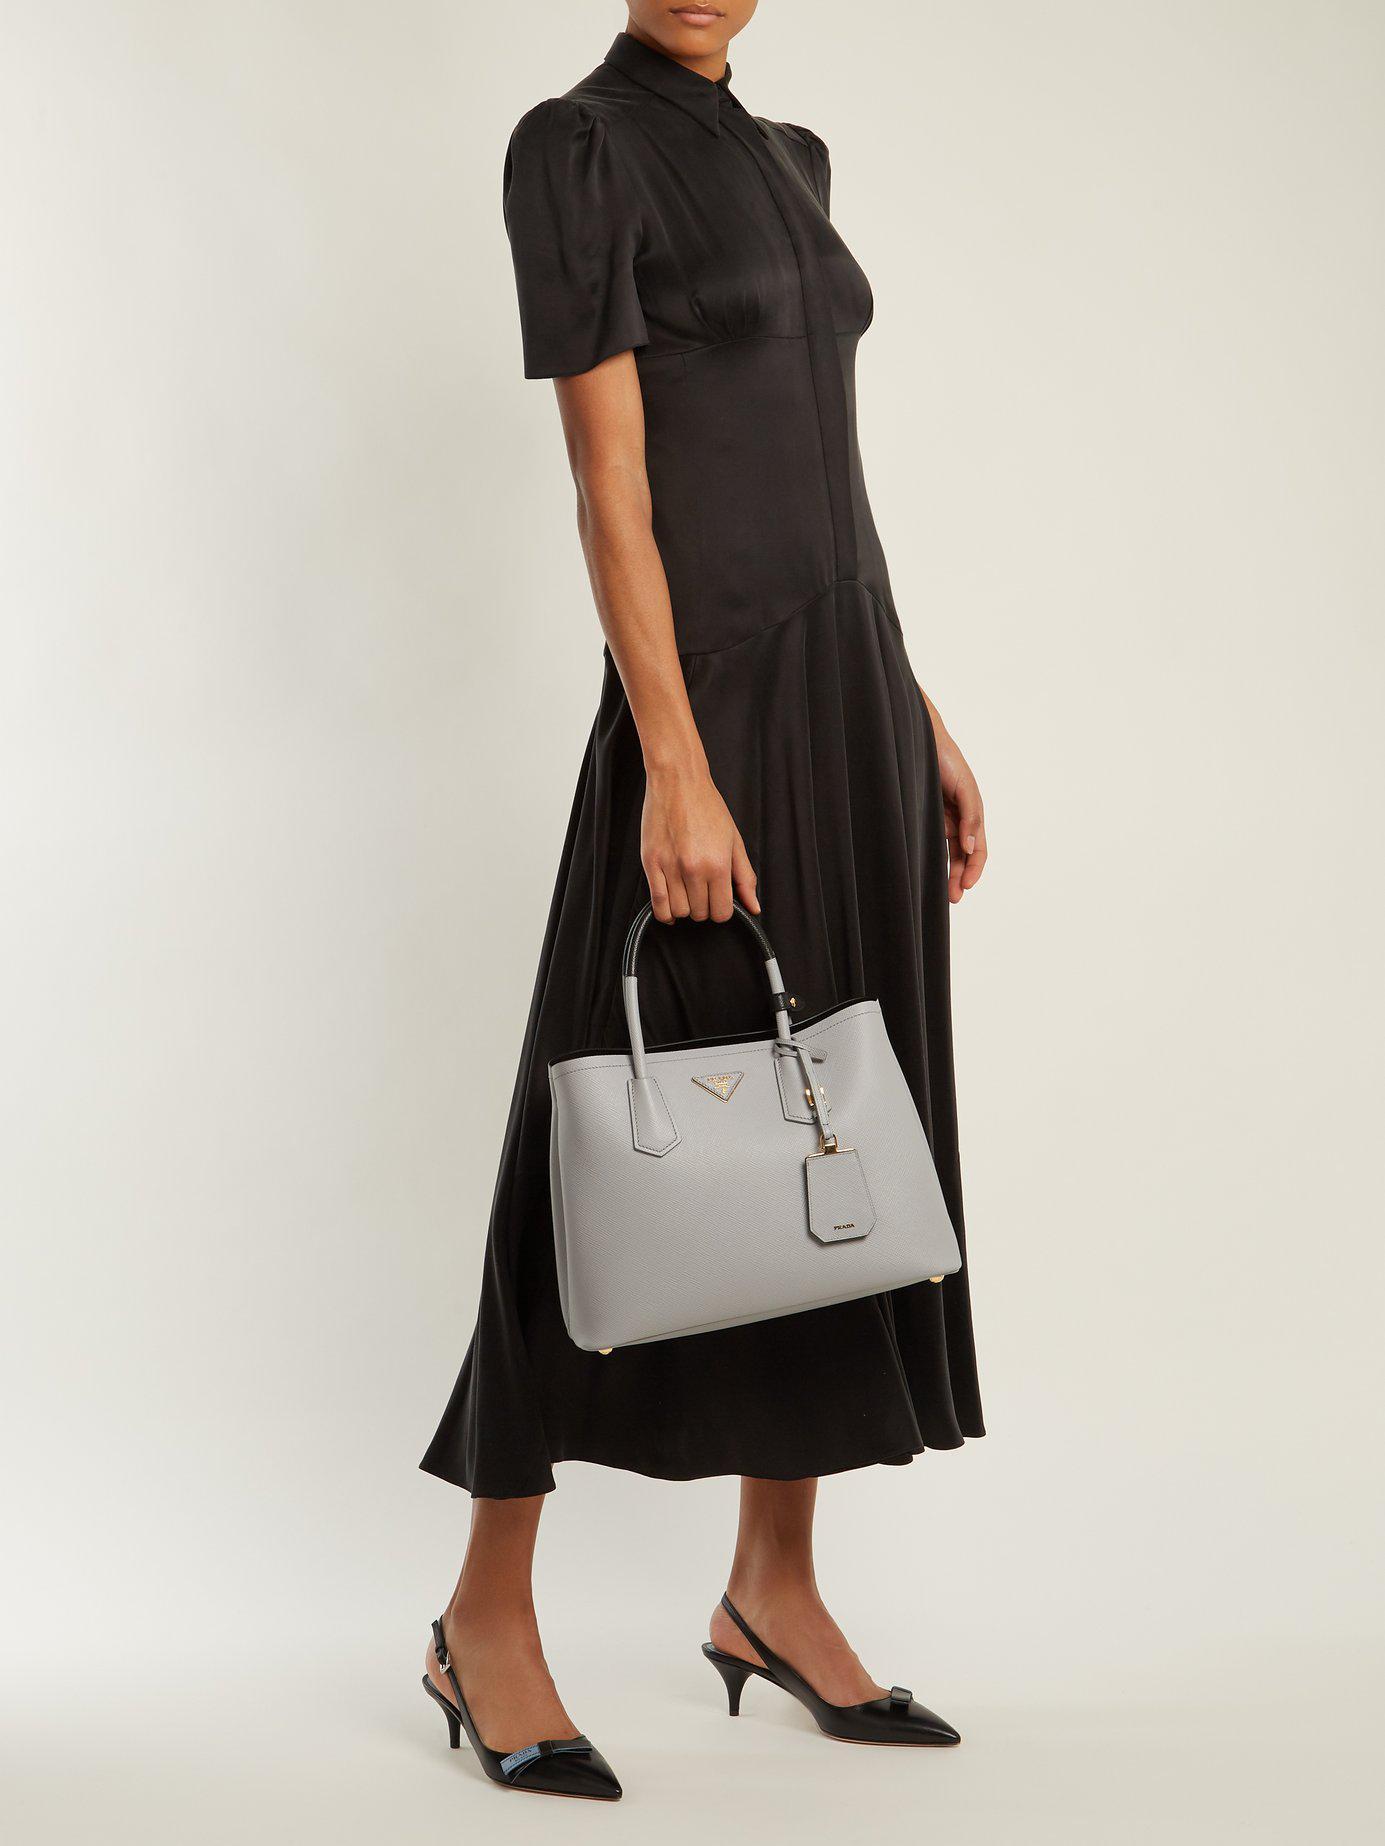 62600e0601531c Prada Double Saffiano Leather Bag in Gray - Lyst